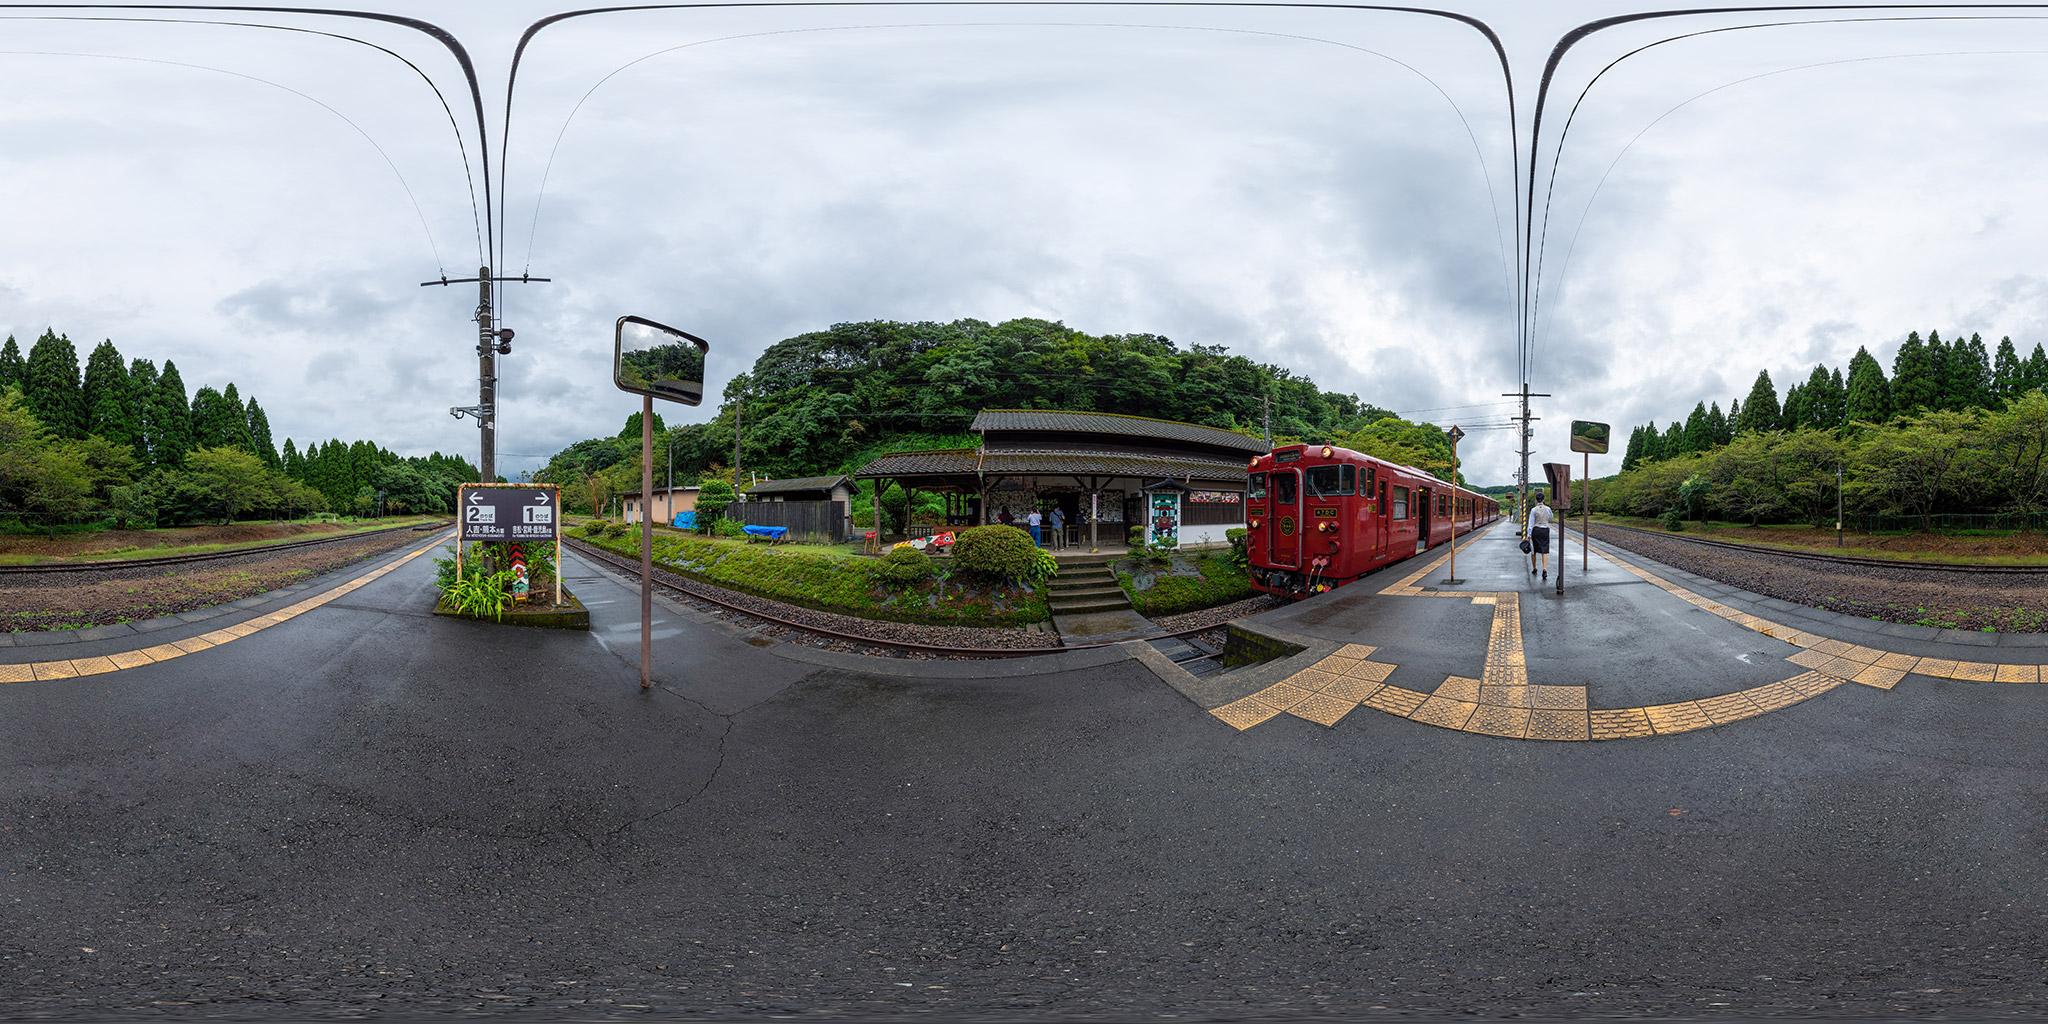 大畑駅に停車中の「いさぶろう・しんぺい」